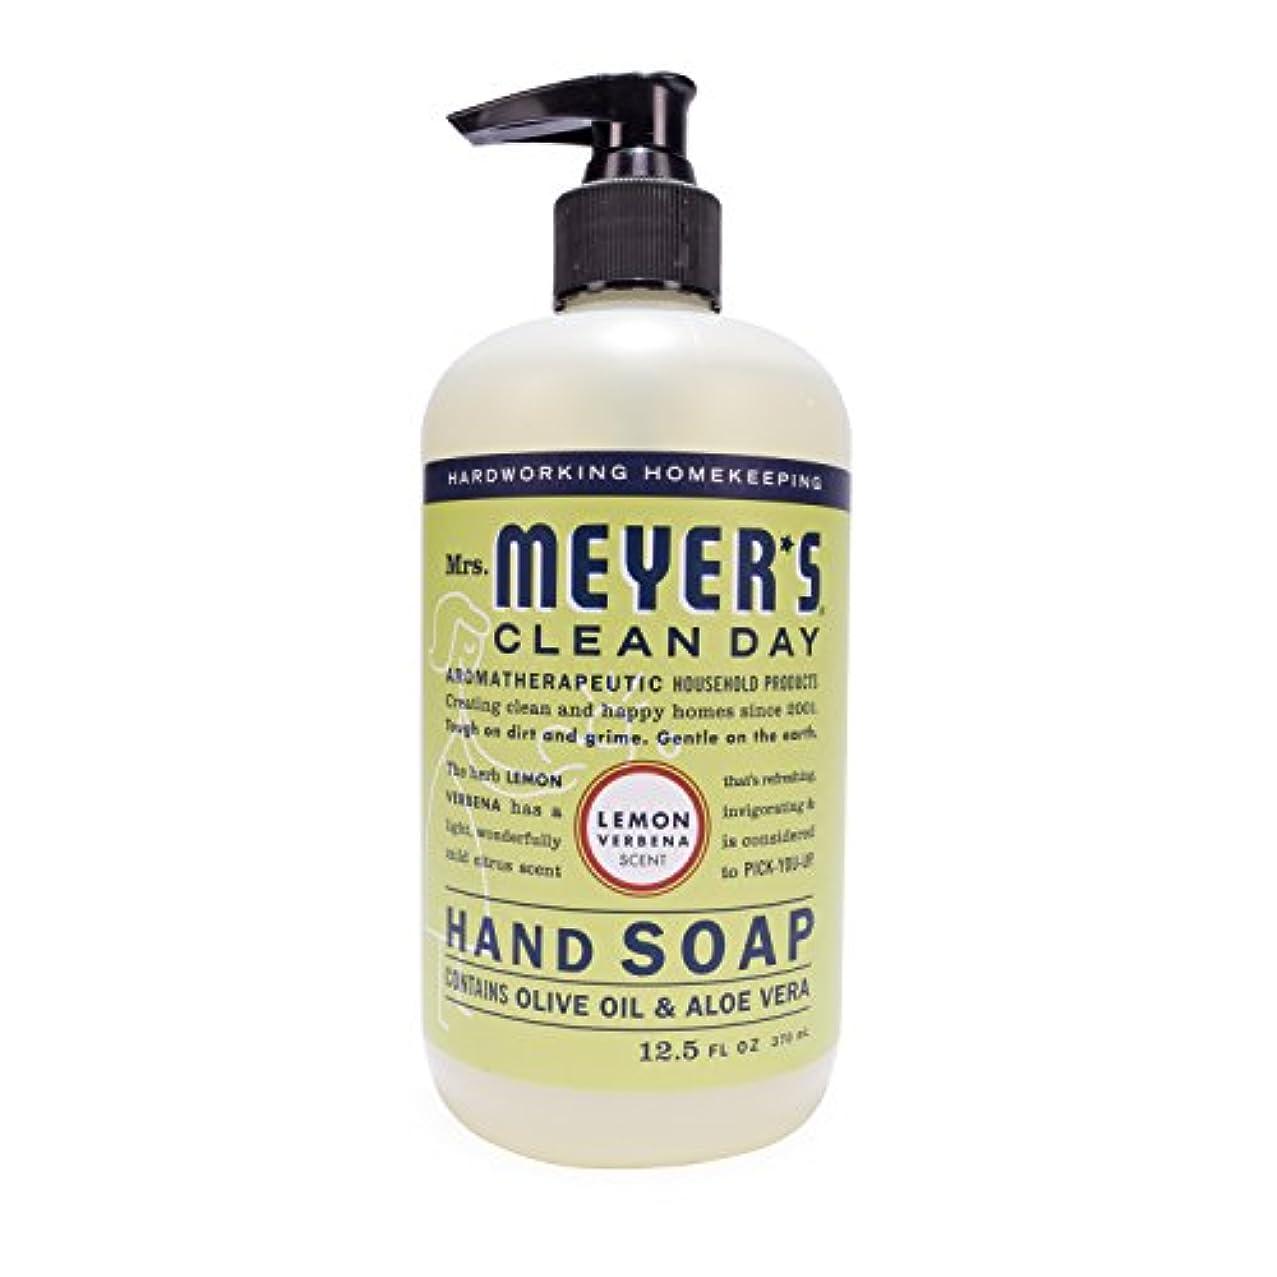 落胆する征服ふざけたMrs. Meyer's Hand Soap Lemon Verbena, 12.5 Fluid Ounce (Pack of 3) by Mrs. Meyer's Clean Day